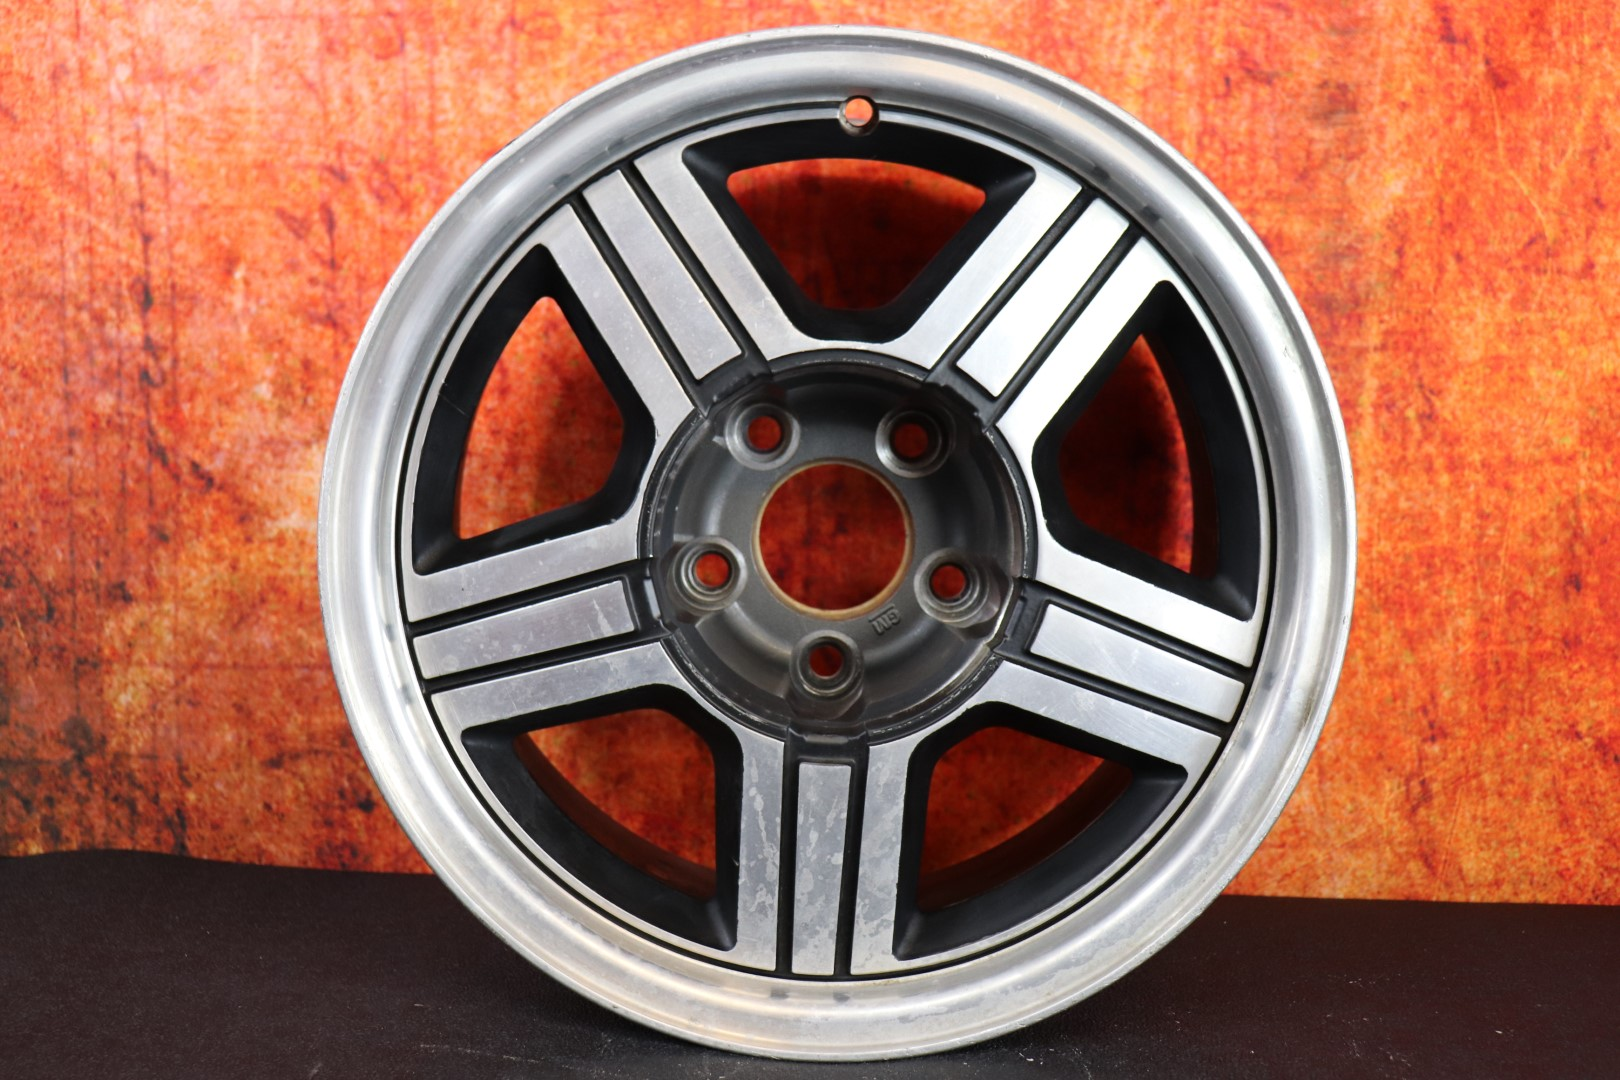 Gmc S15 Sonoma 1996 1997 1998 1999 2000 16 Oem Rim Wheel 5048 9592659 83988792 Alloemrims Com